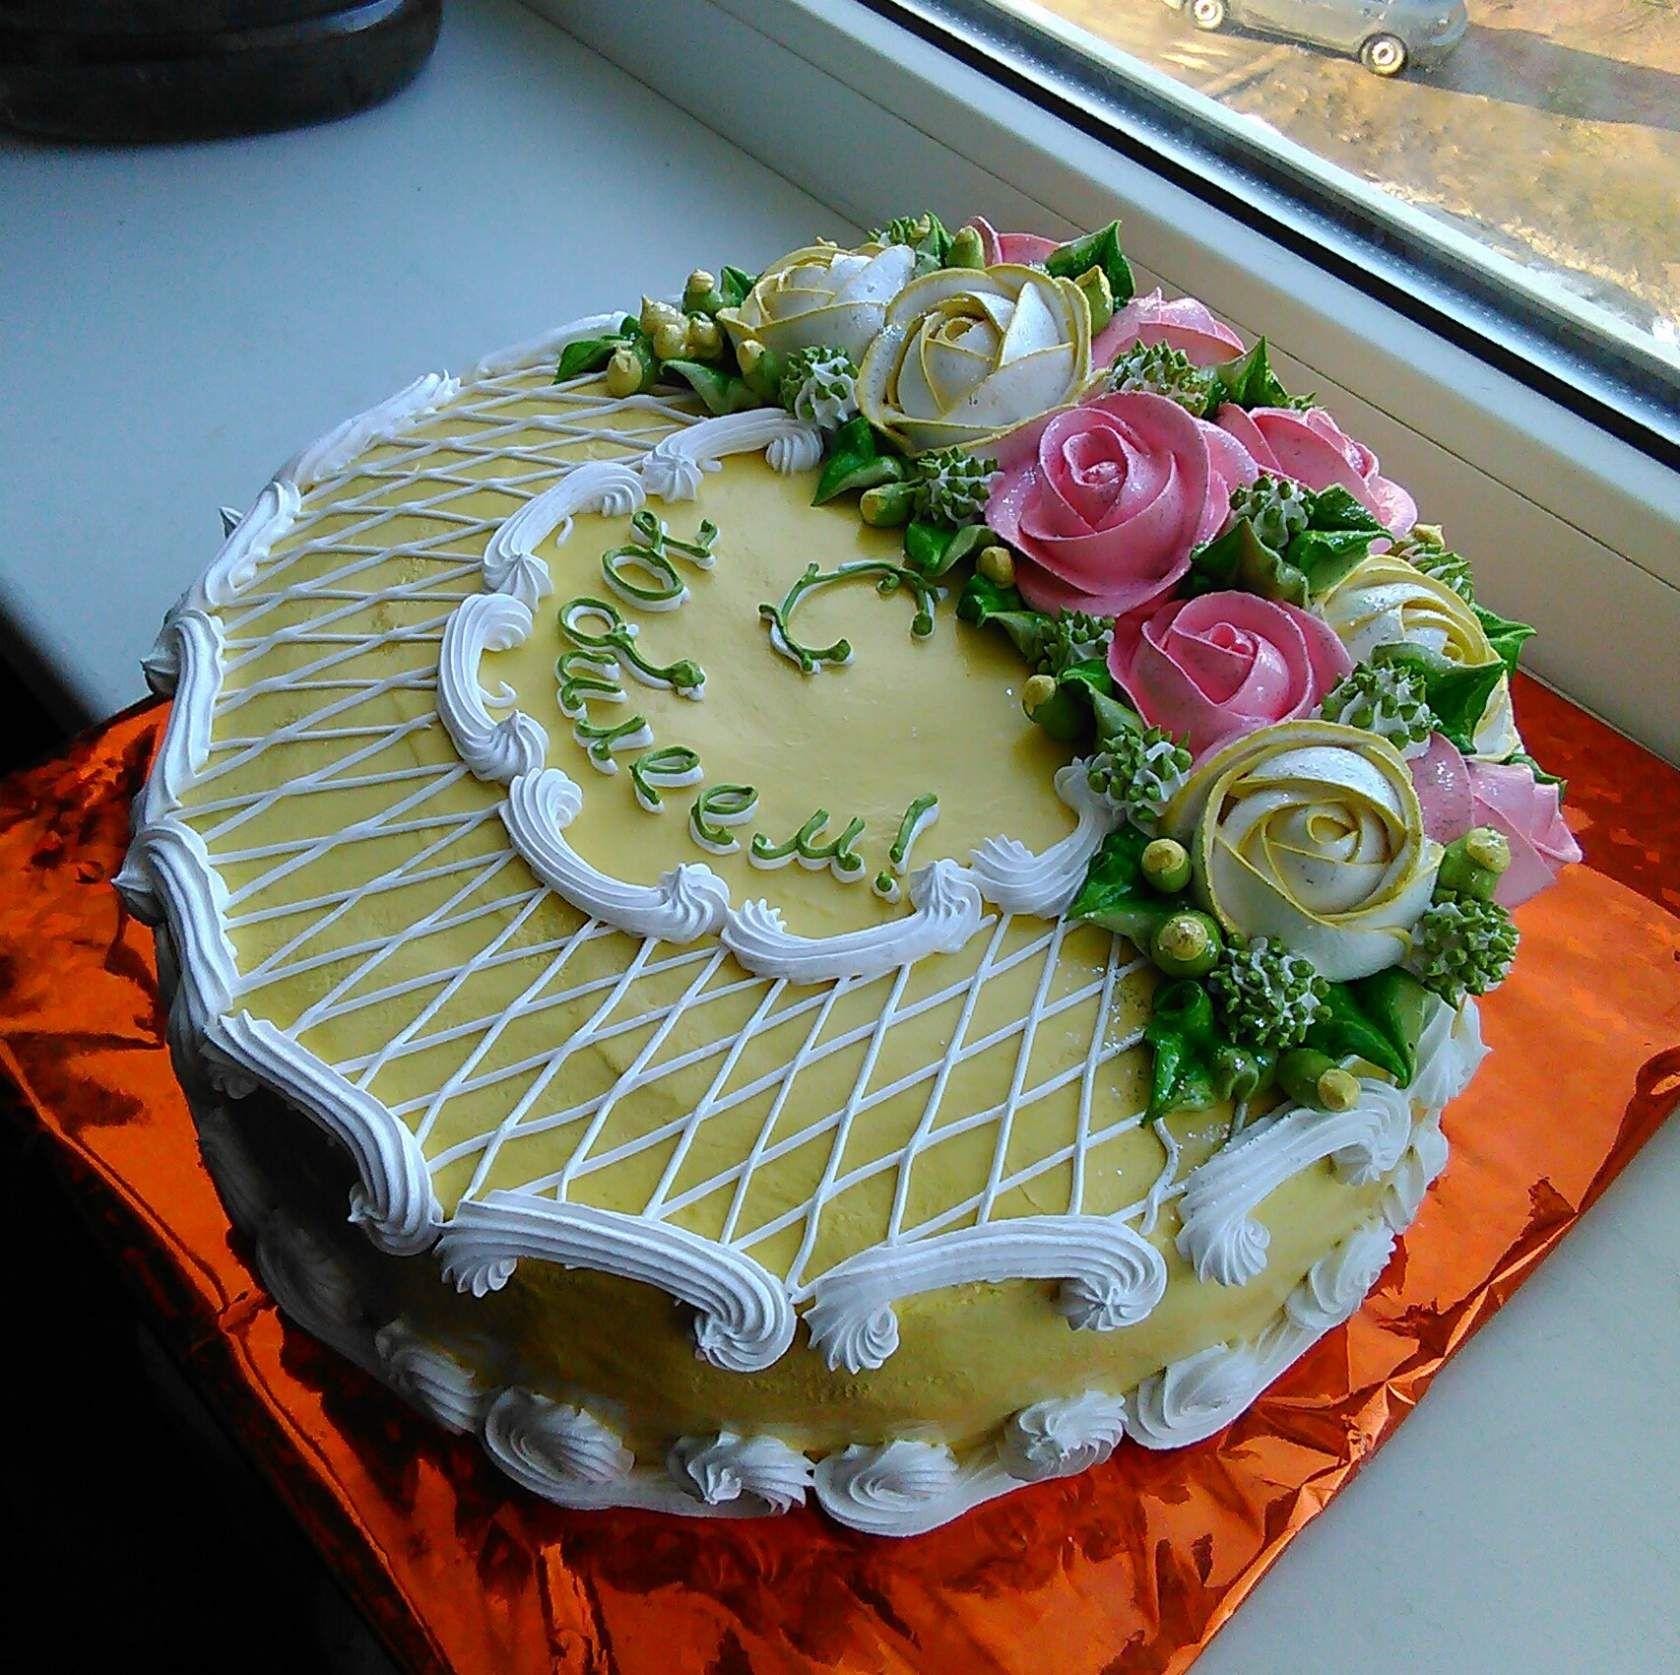 Личное фото | Восхитительные торты, Торт на день рождения ...